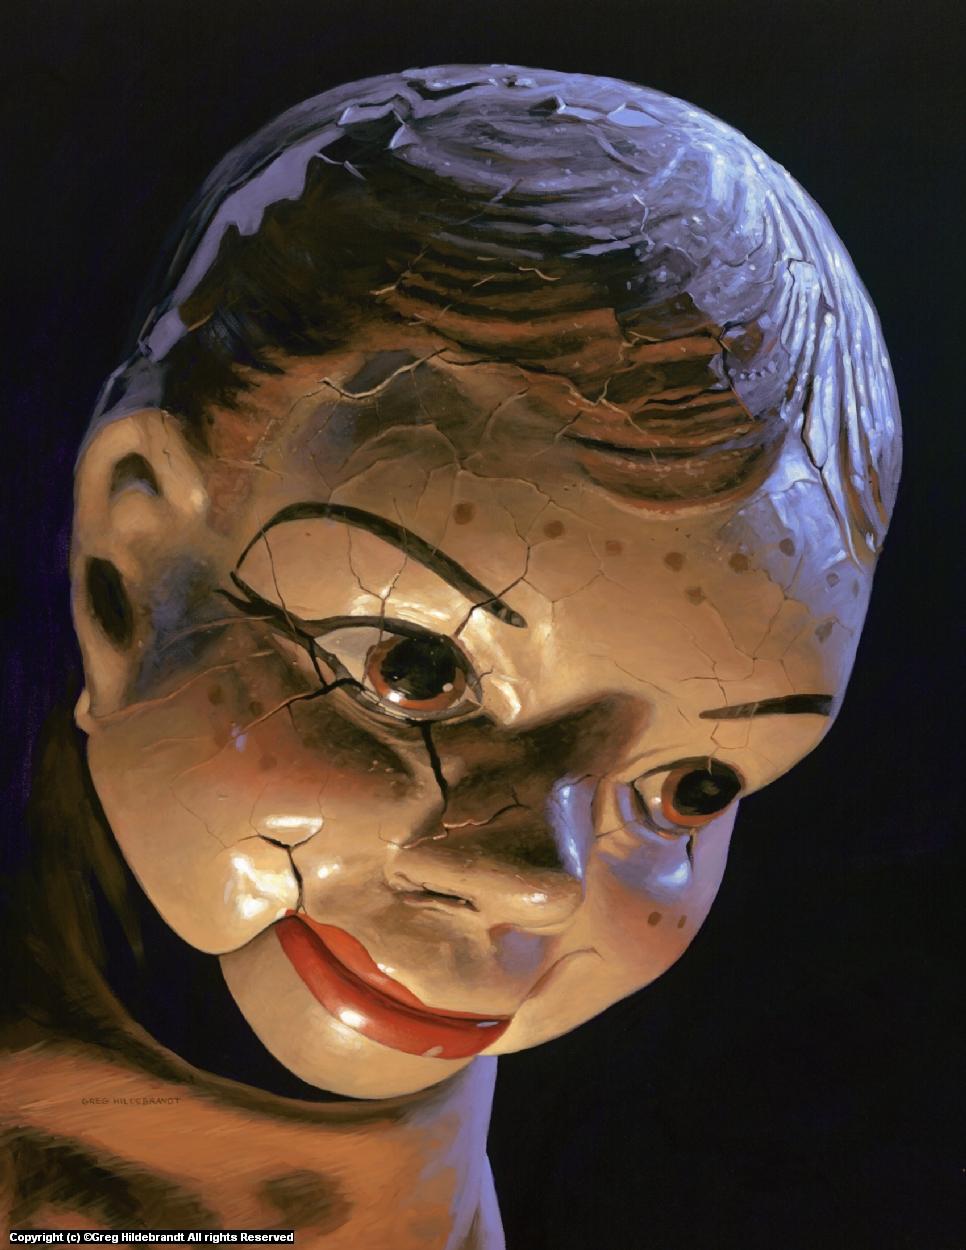 Freckles-SOLD Artwork by Greg Hildebrandt